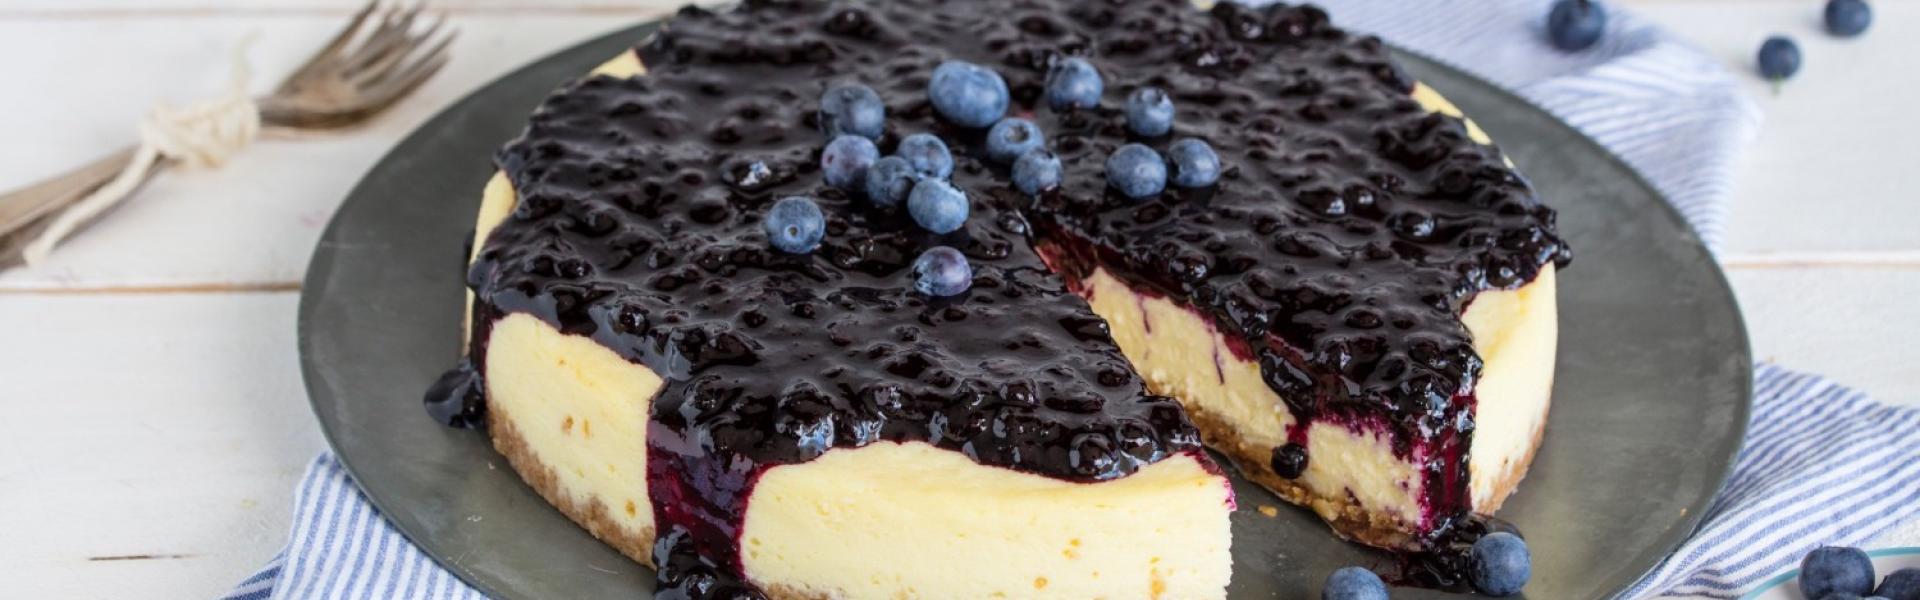 Angeschnittener Blueberry Cheesecake auf einem großen Teller serviert.